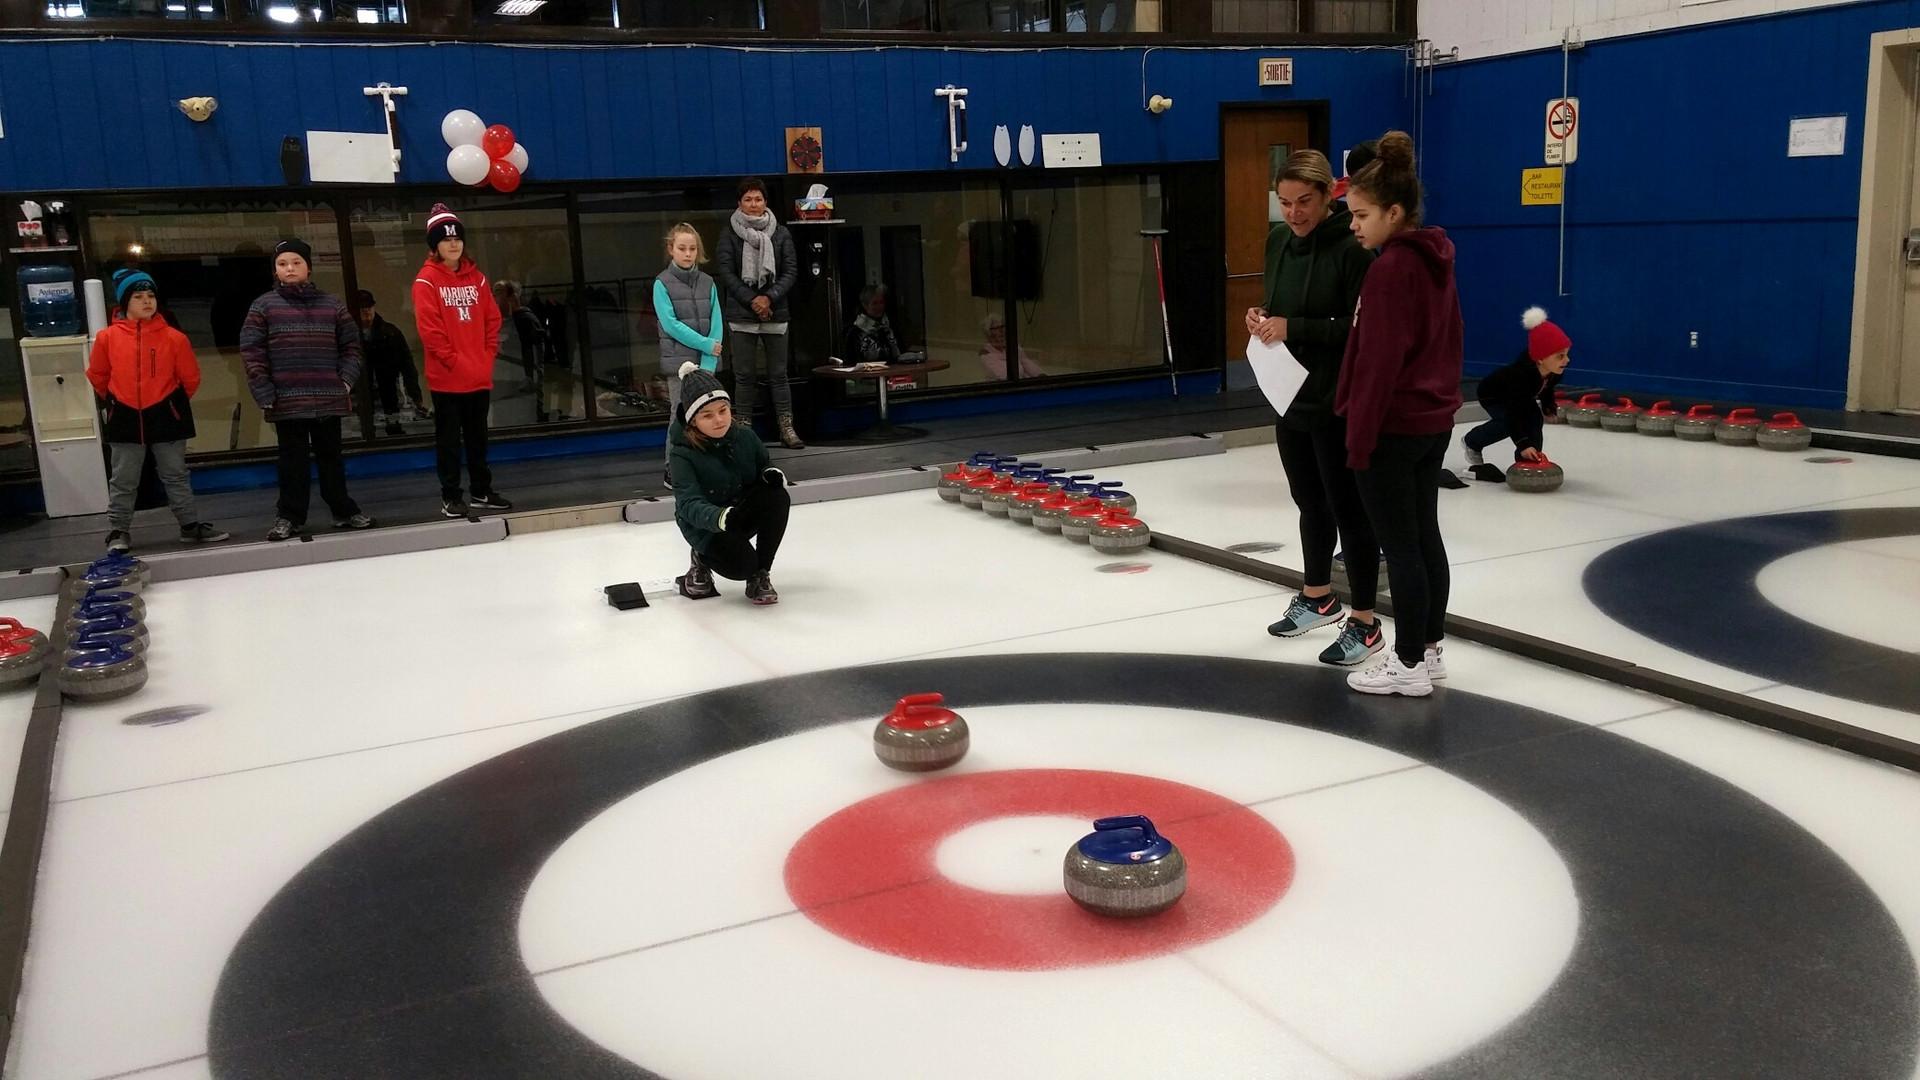 Curling-9.jpg